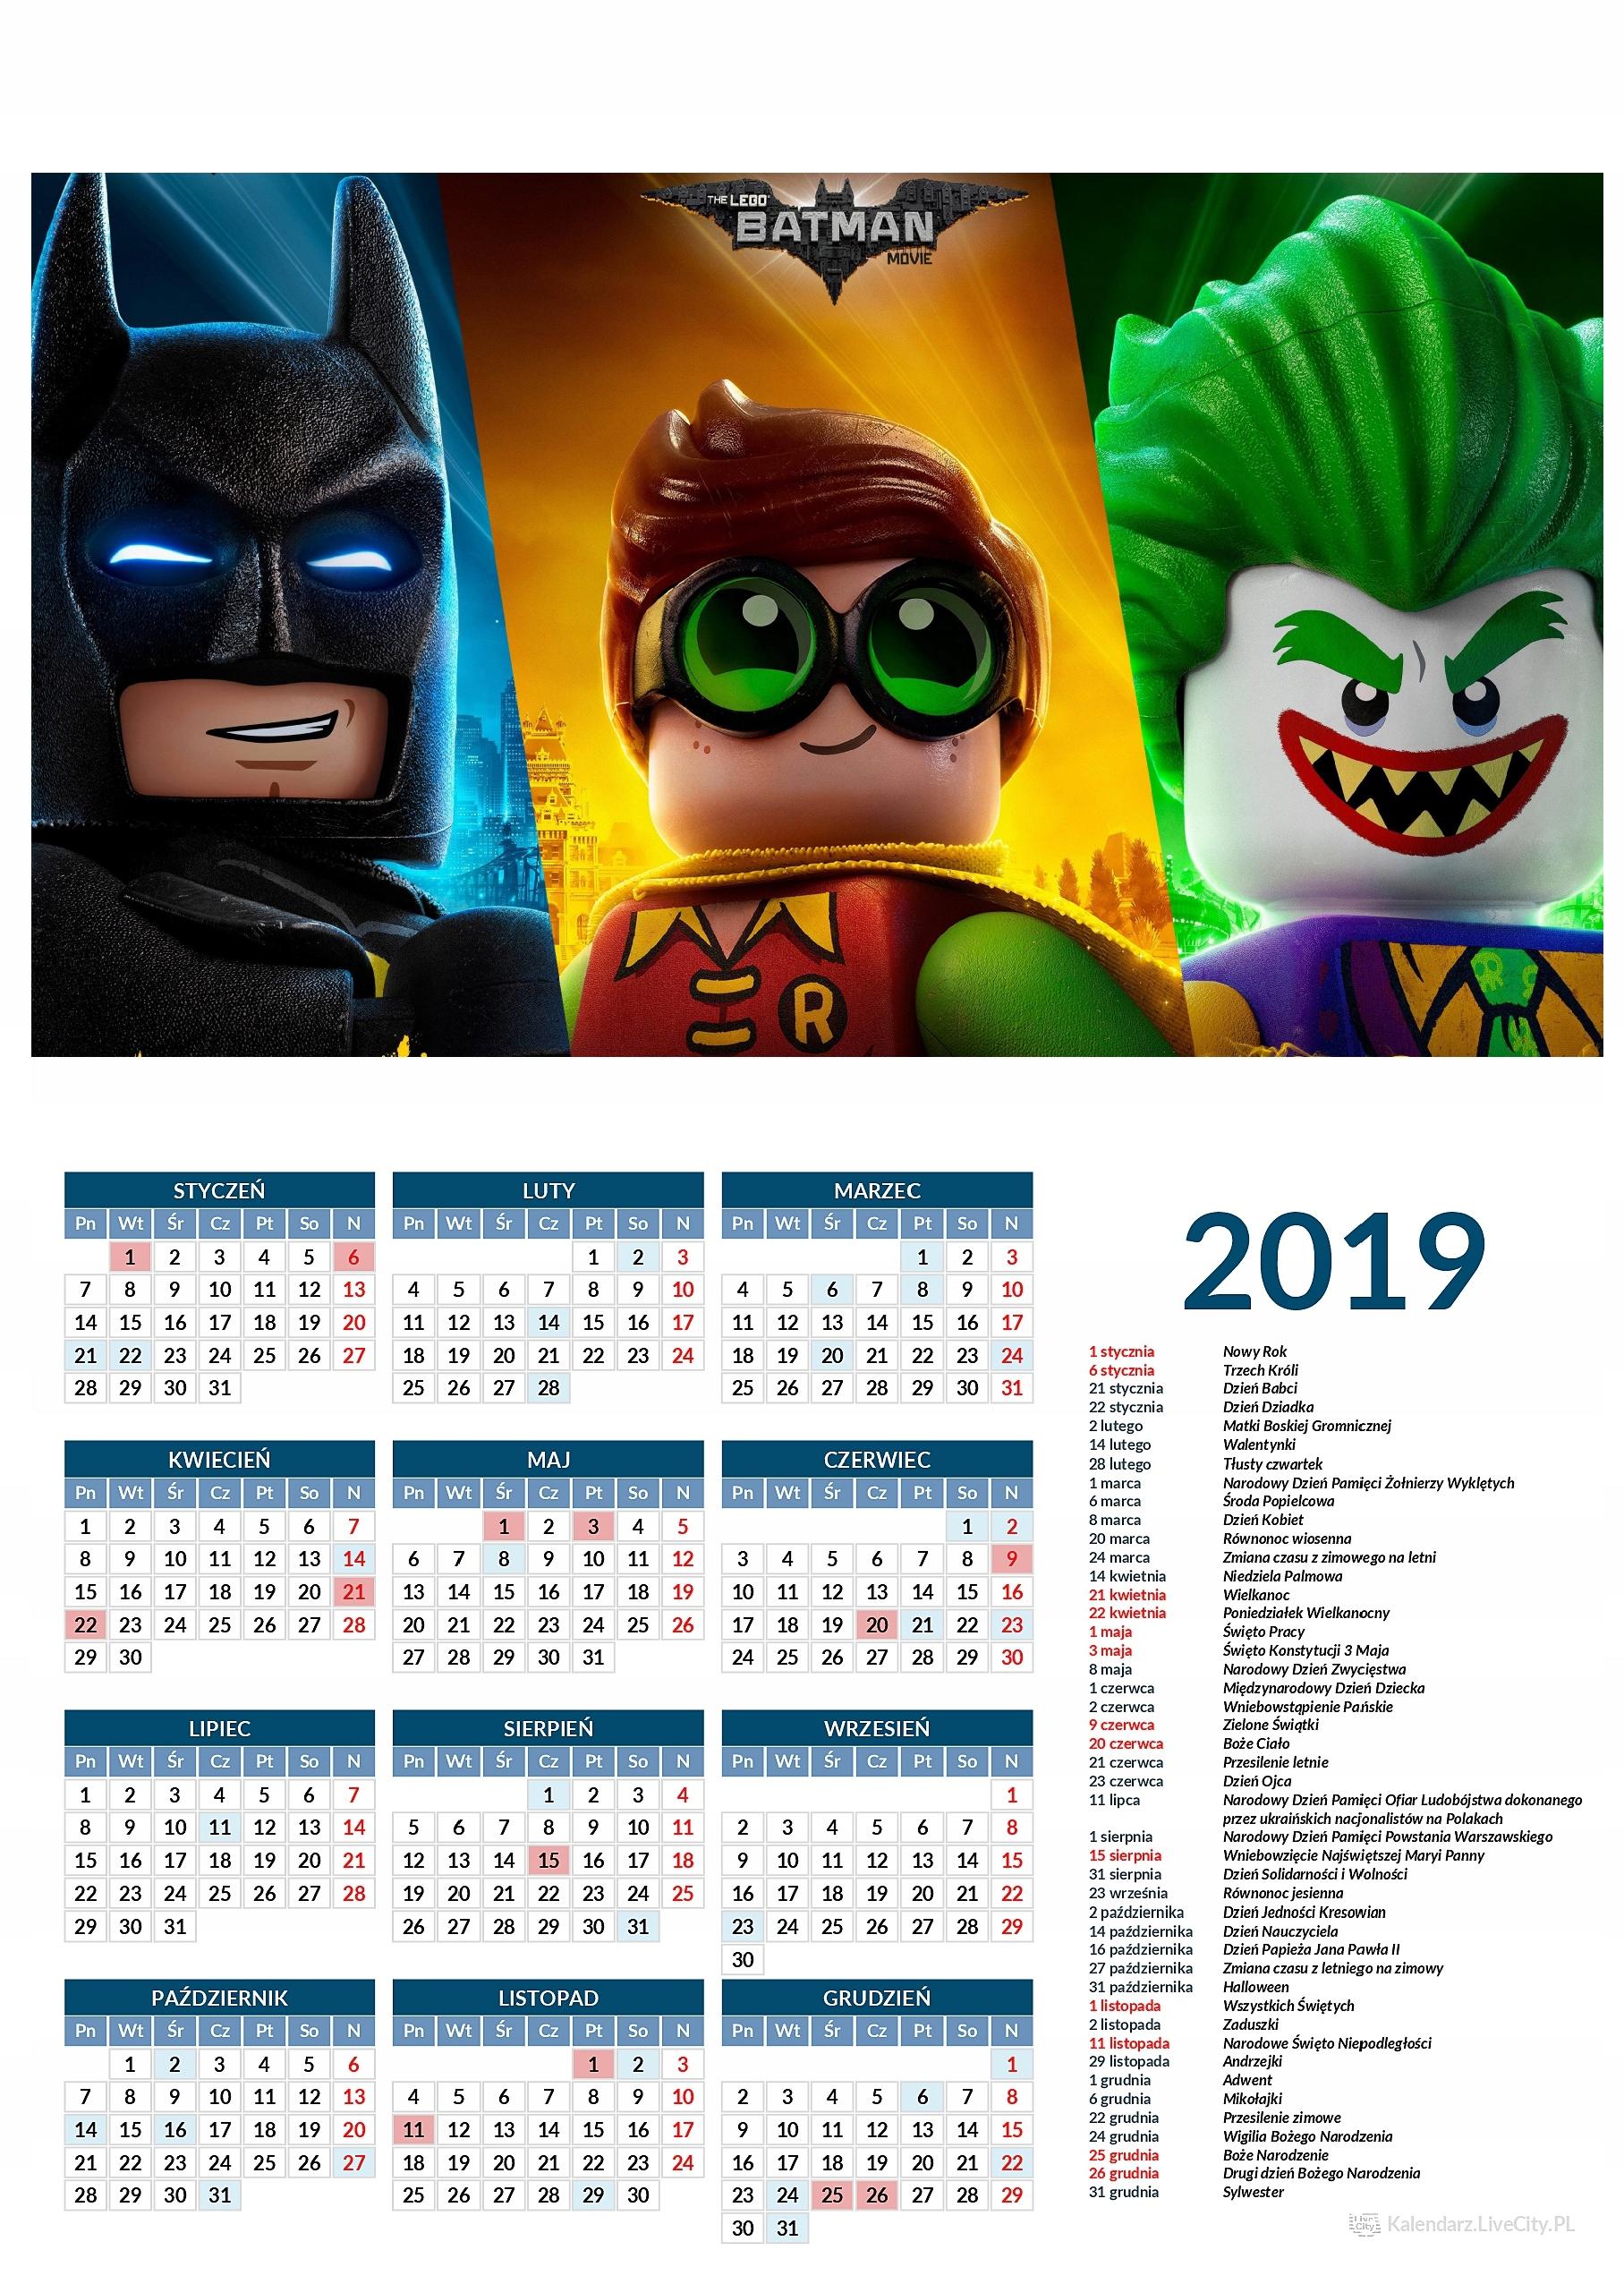 Kalendarz 2019 film lego batman